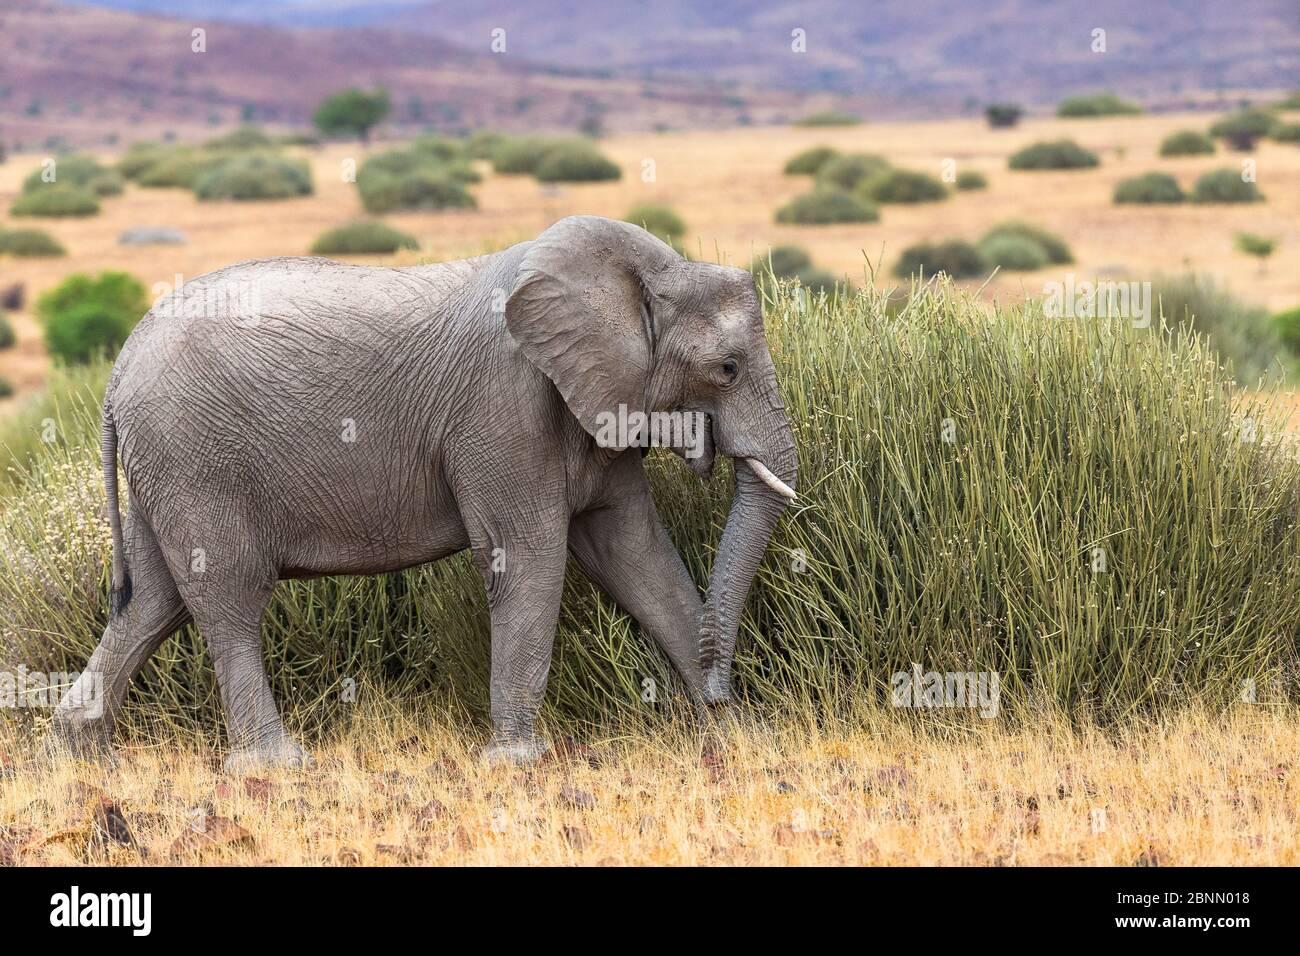 Éléphant d'Afrique vivant dans le désert (Loxodonta africana) se nourrissant de hautes herbes, Damaraland, Namibie Banque D'Images